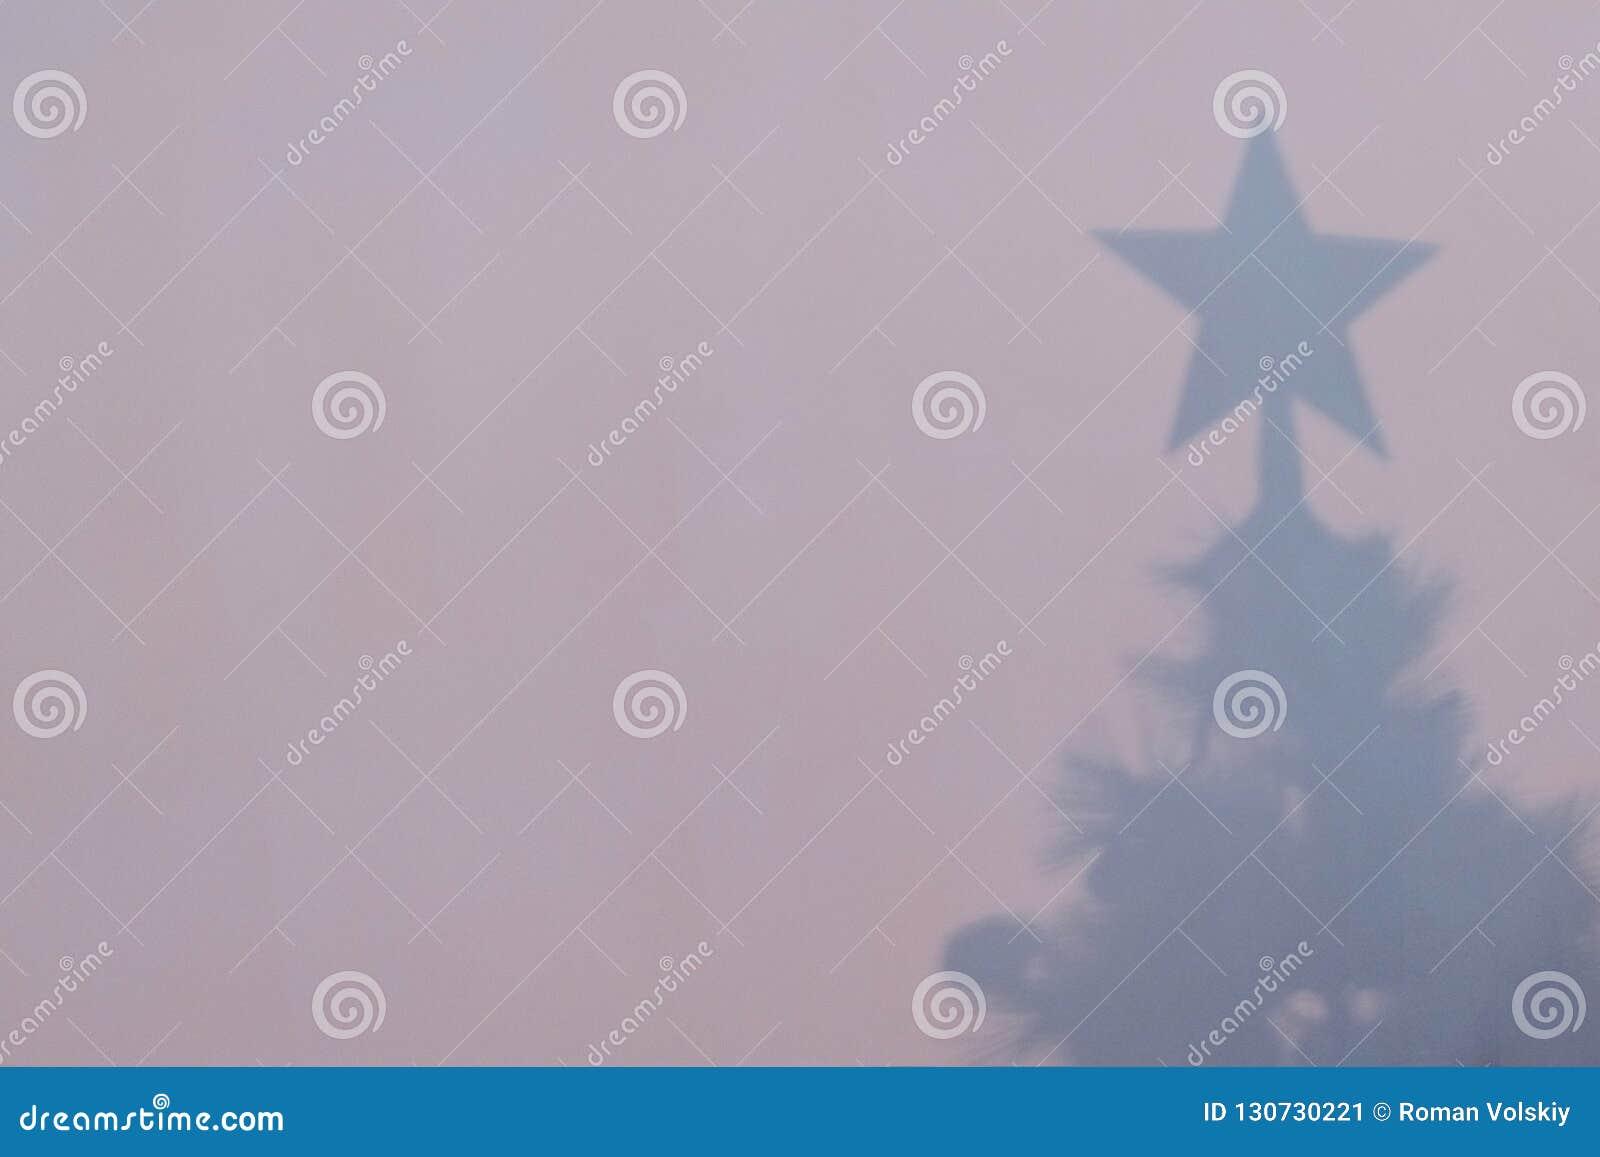 一棵新年树的剪影在桃红色墙壁上的 圣诞树的阴影在框架的右边 Copyspace